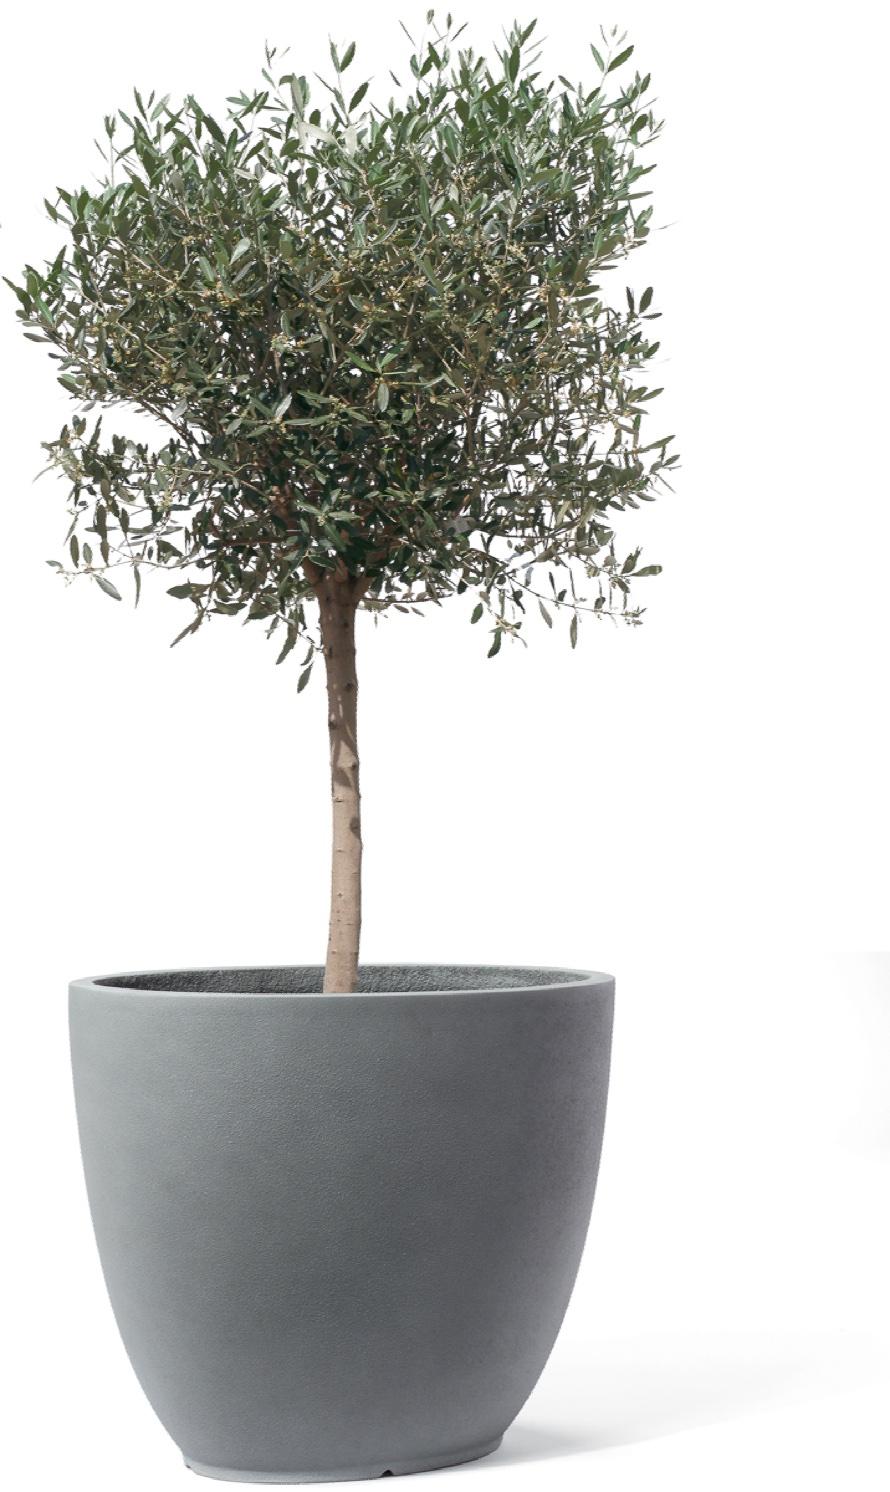 Canberra-Artline-titan-bepflanzt-Stimmungsbild.jpg